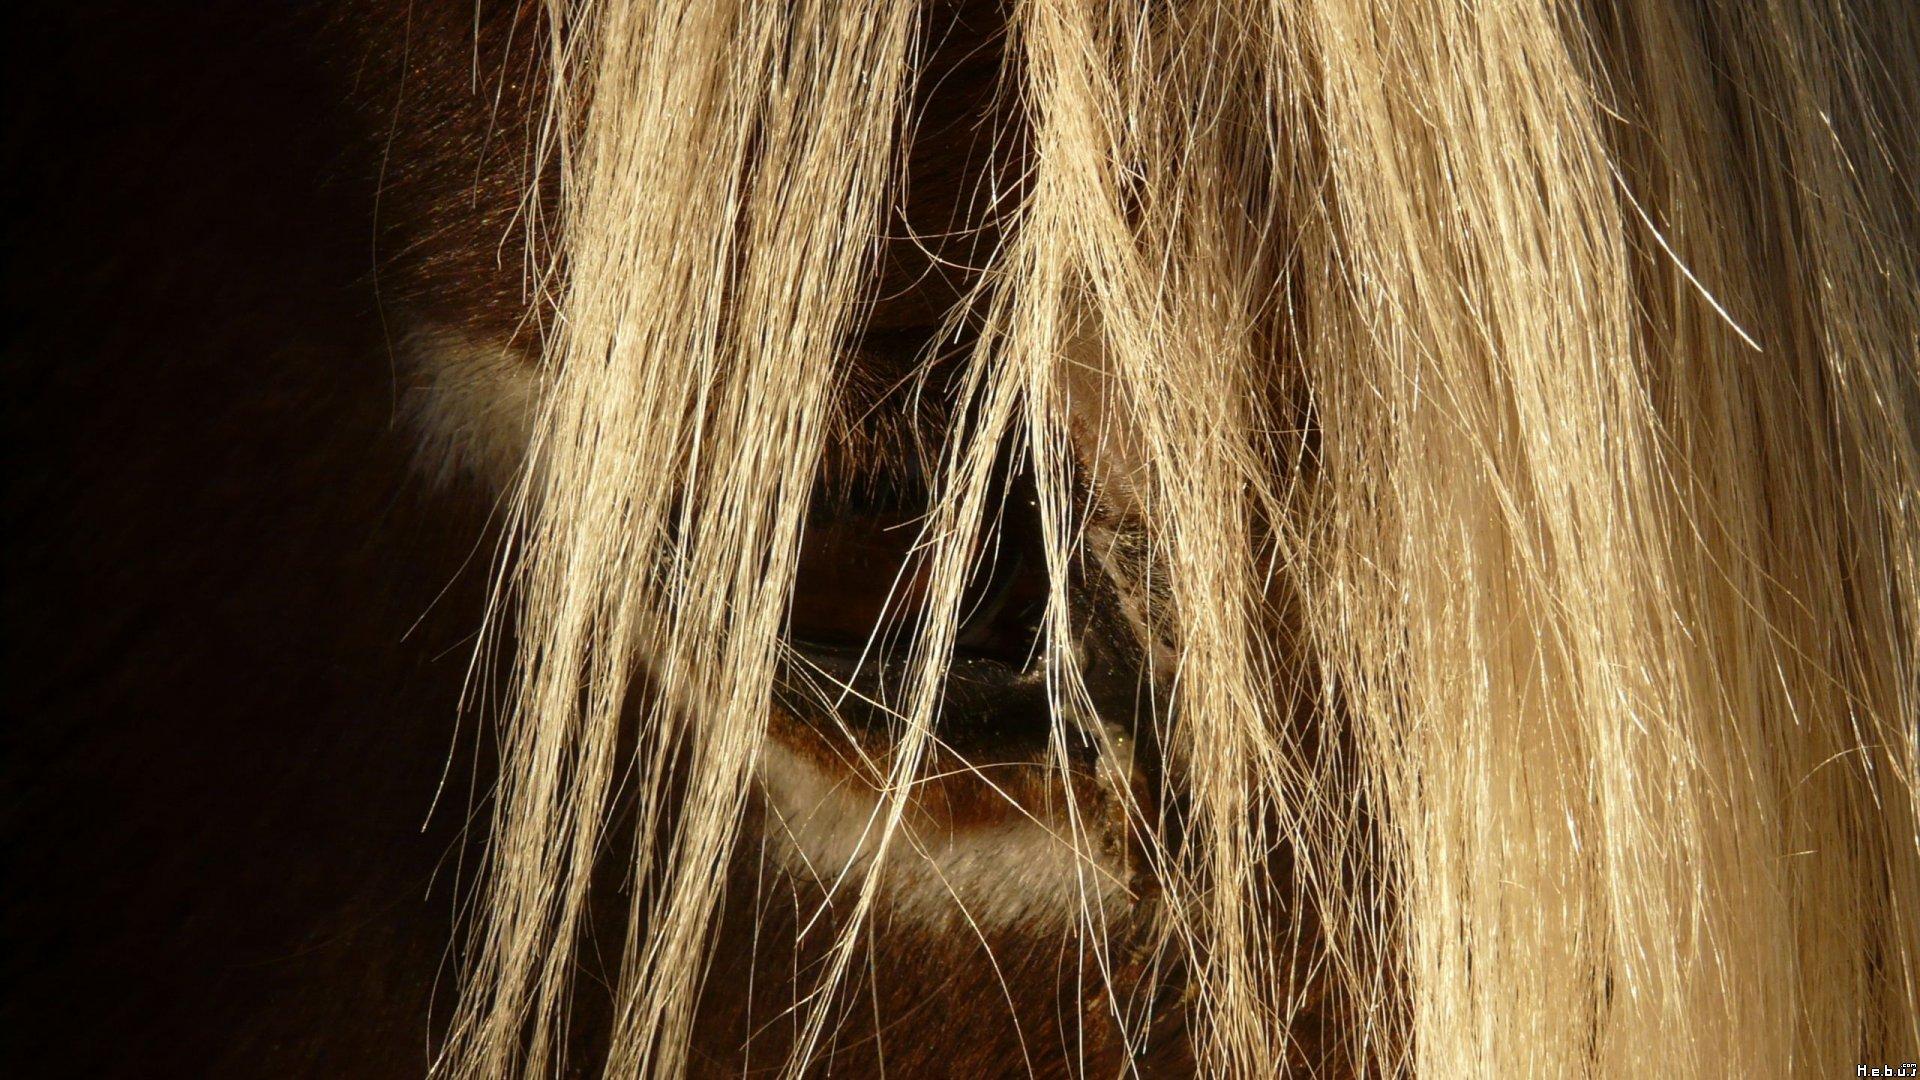 La recherche d'emploi et le vieux cheval : Une métaphore qui vaut le détour !